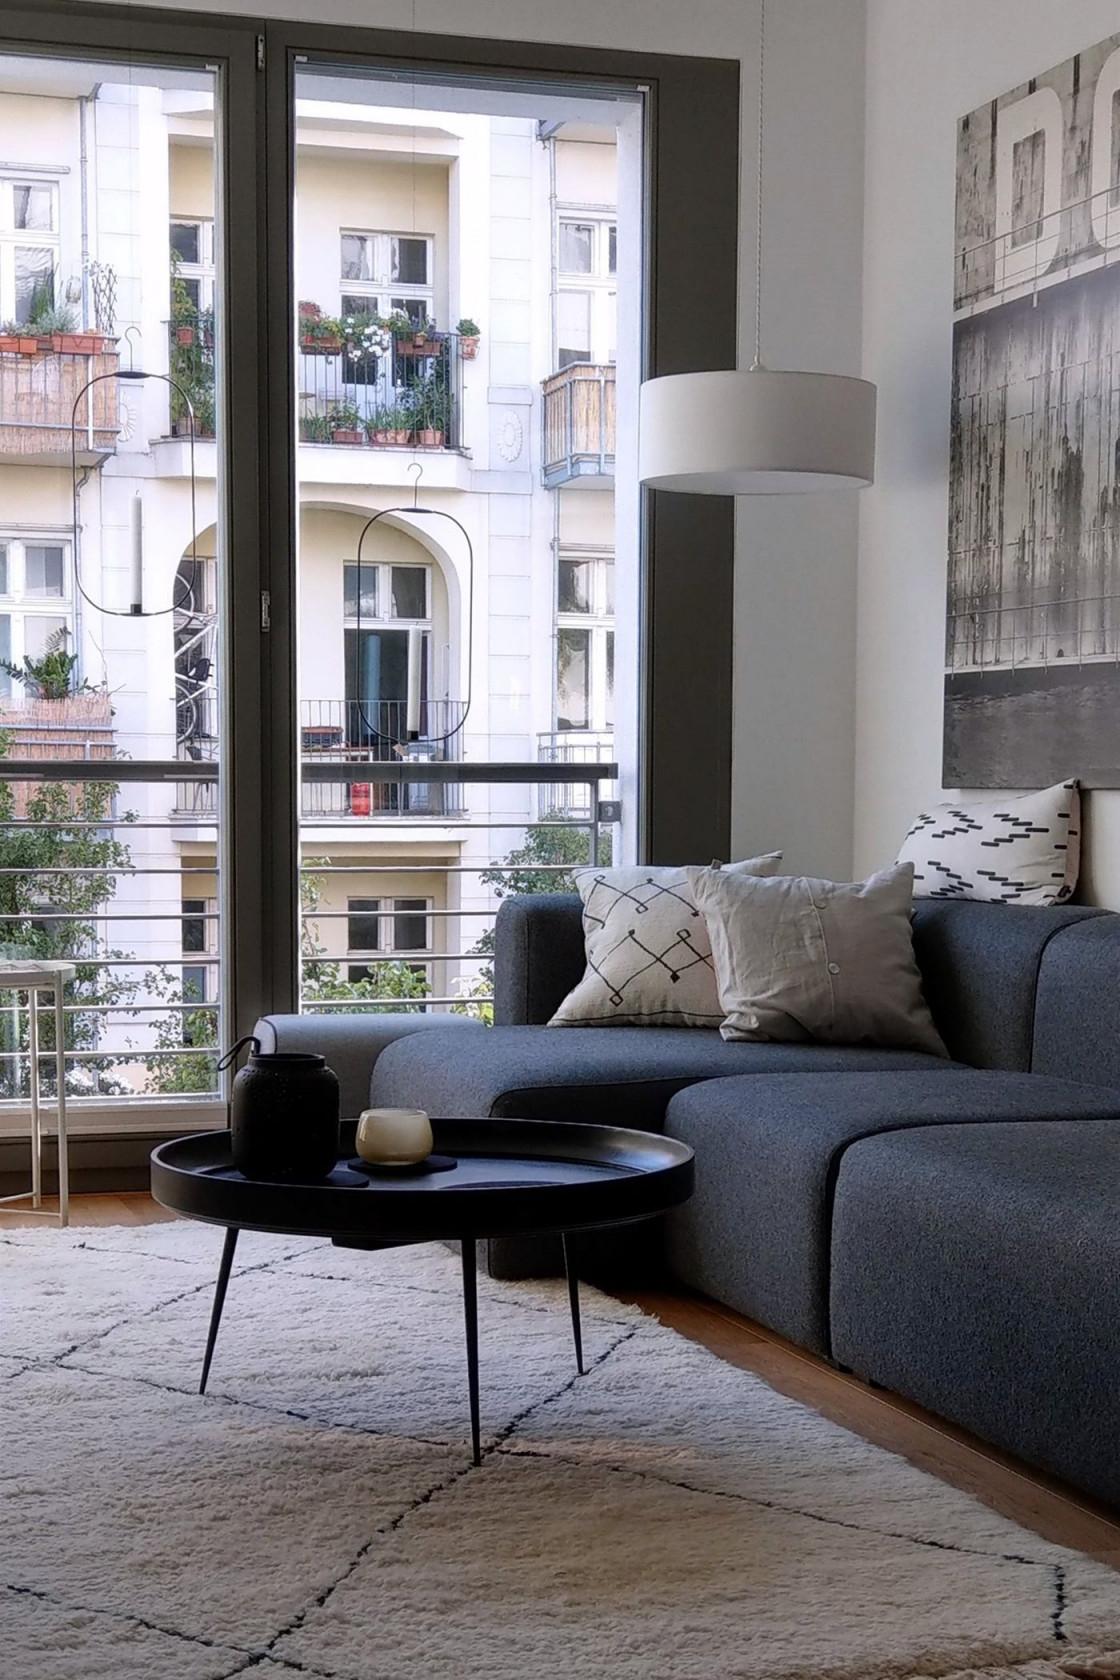 Wohnzimmer Die Schönsten Ideen von Ideen Für Große Wohnzimmer Photo